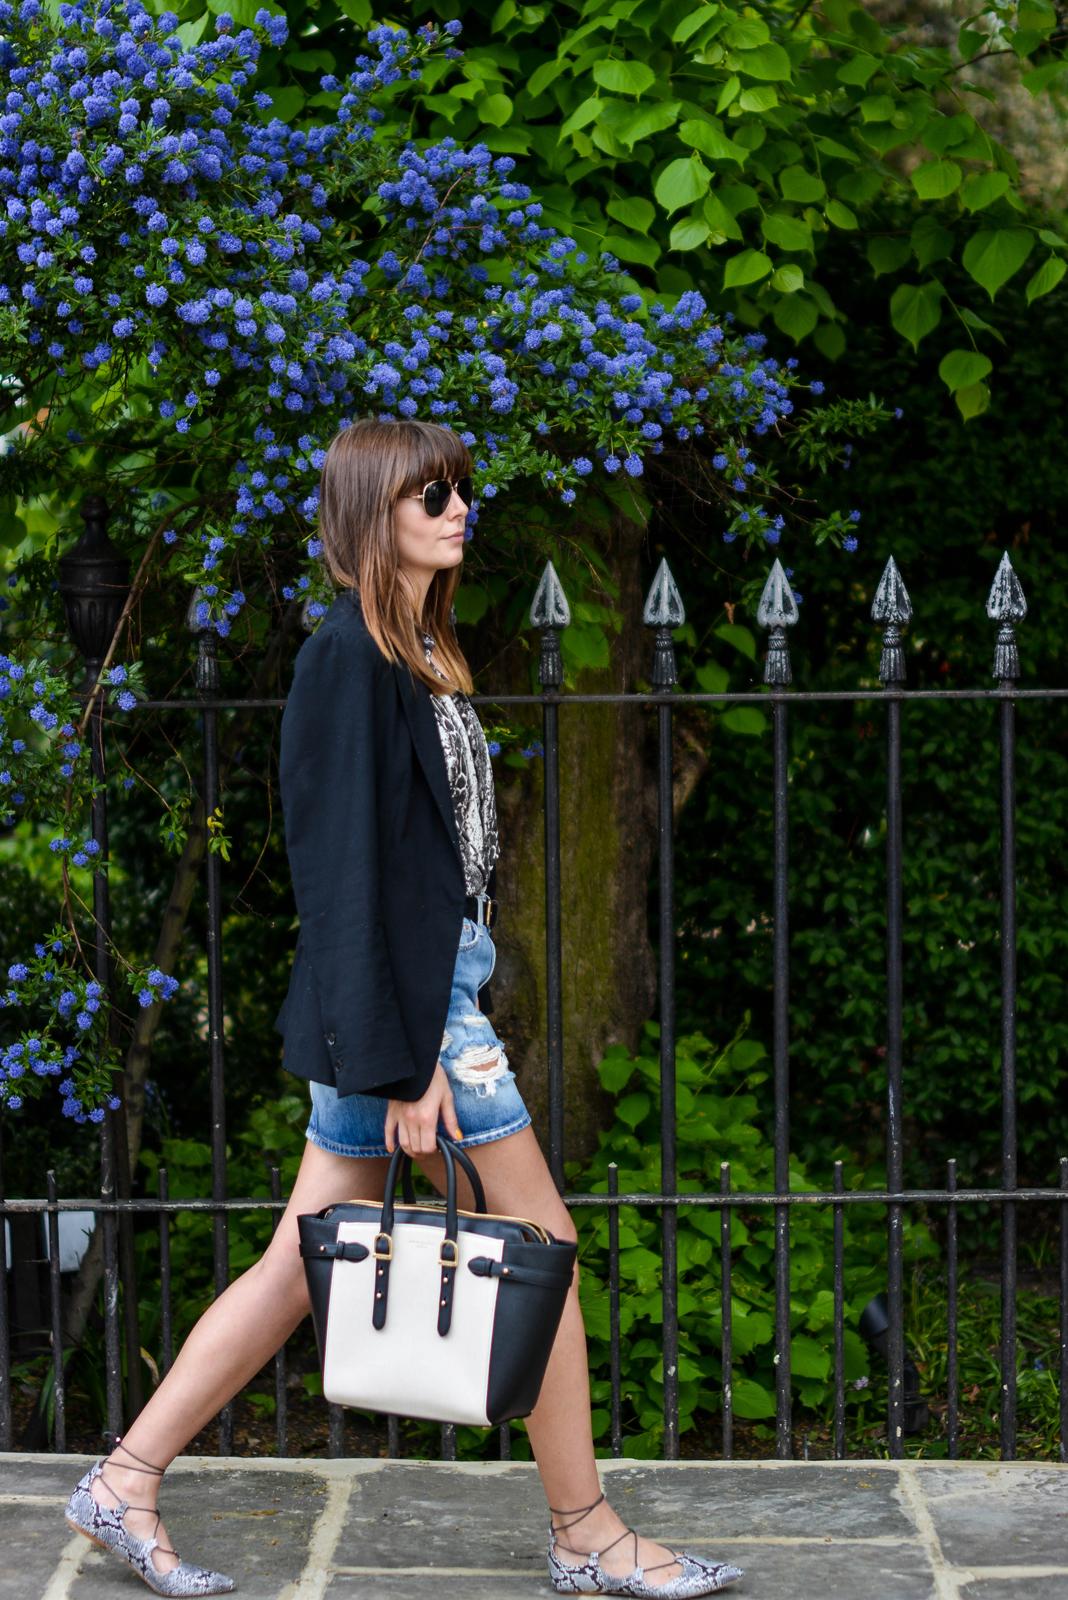 EJSTYLE - Aspinal bag, Topshop snake pointed lace up flats, snakskin print shirt, black blazer, denim mini skirt